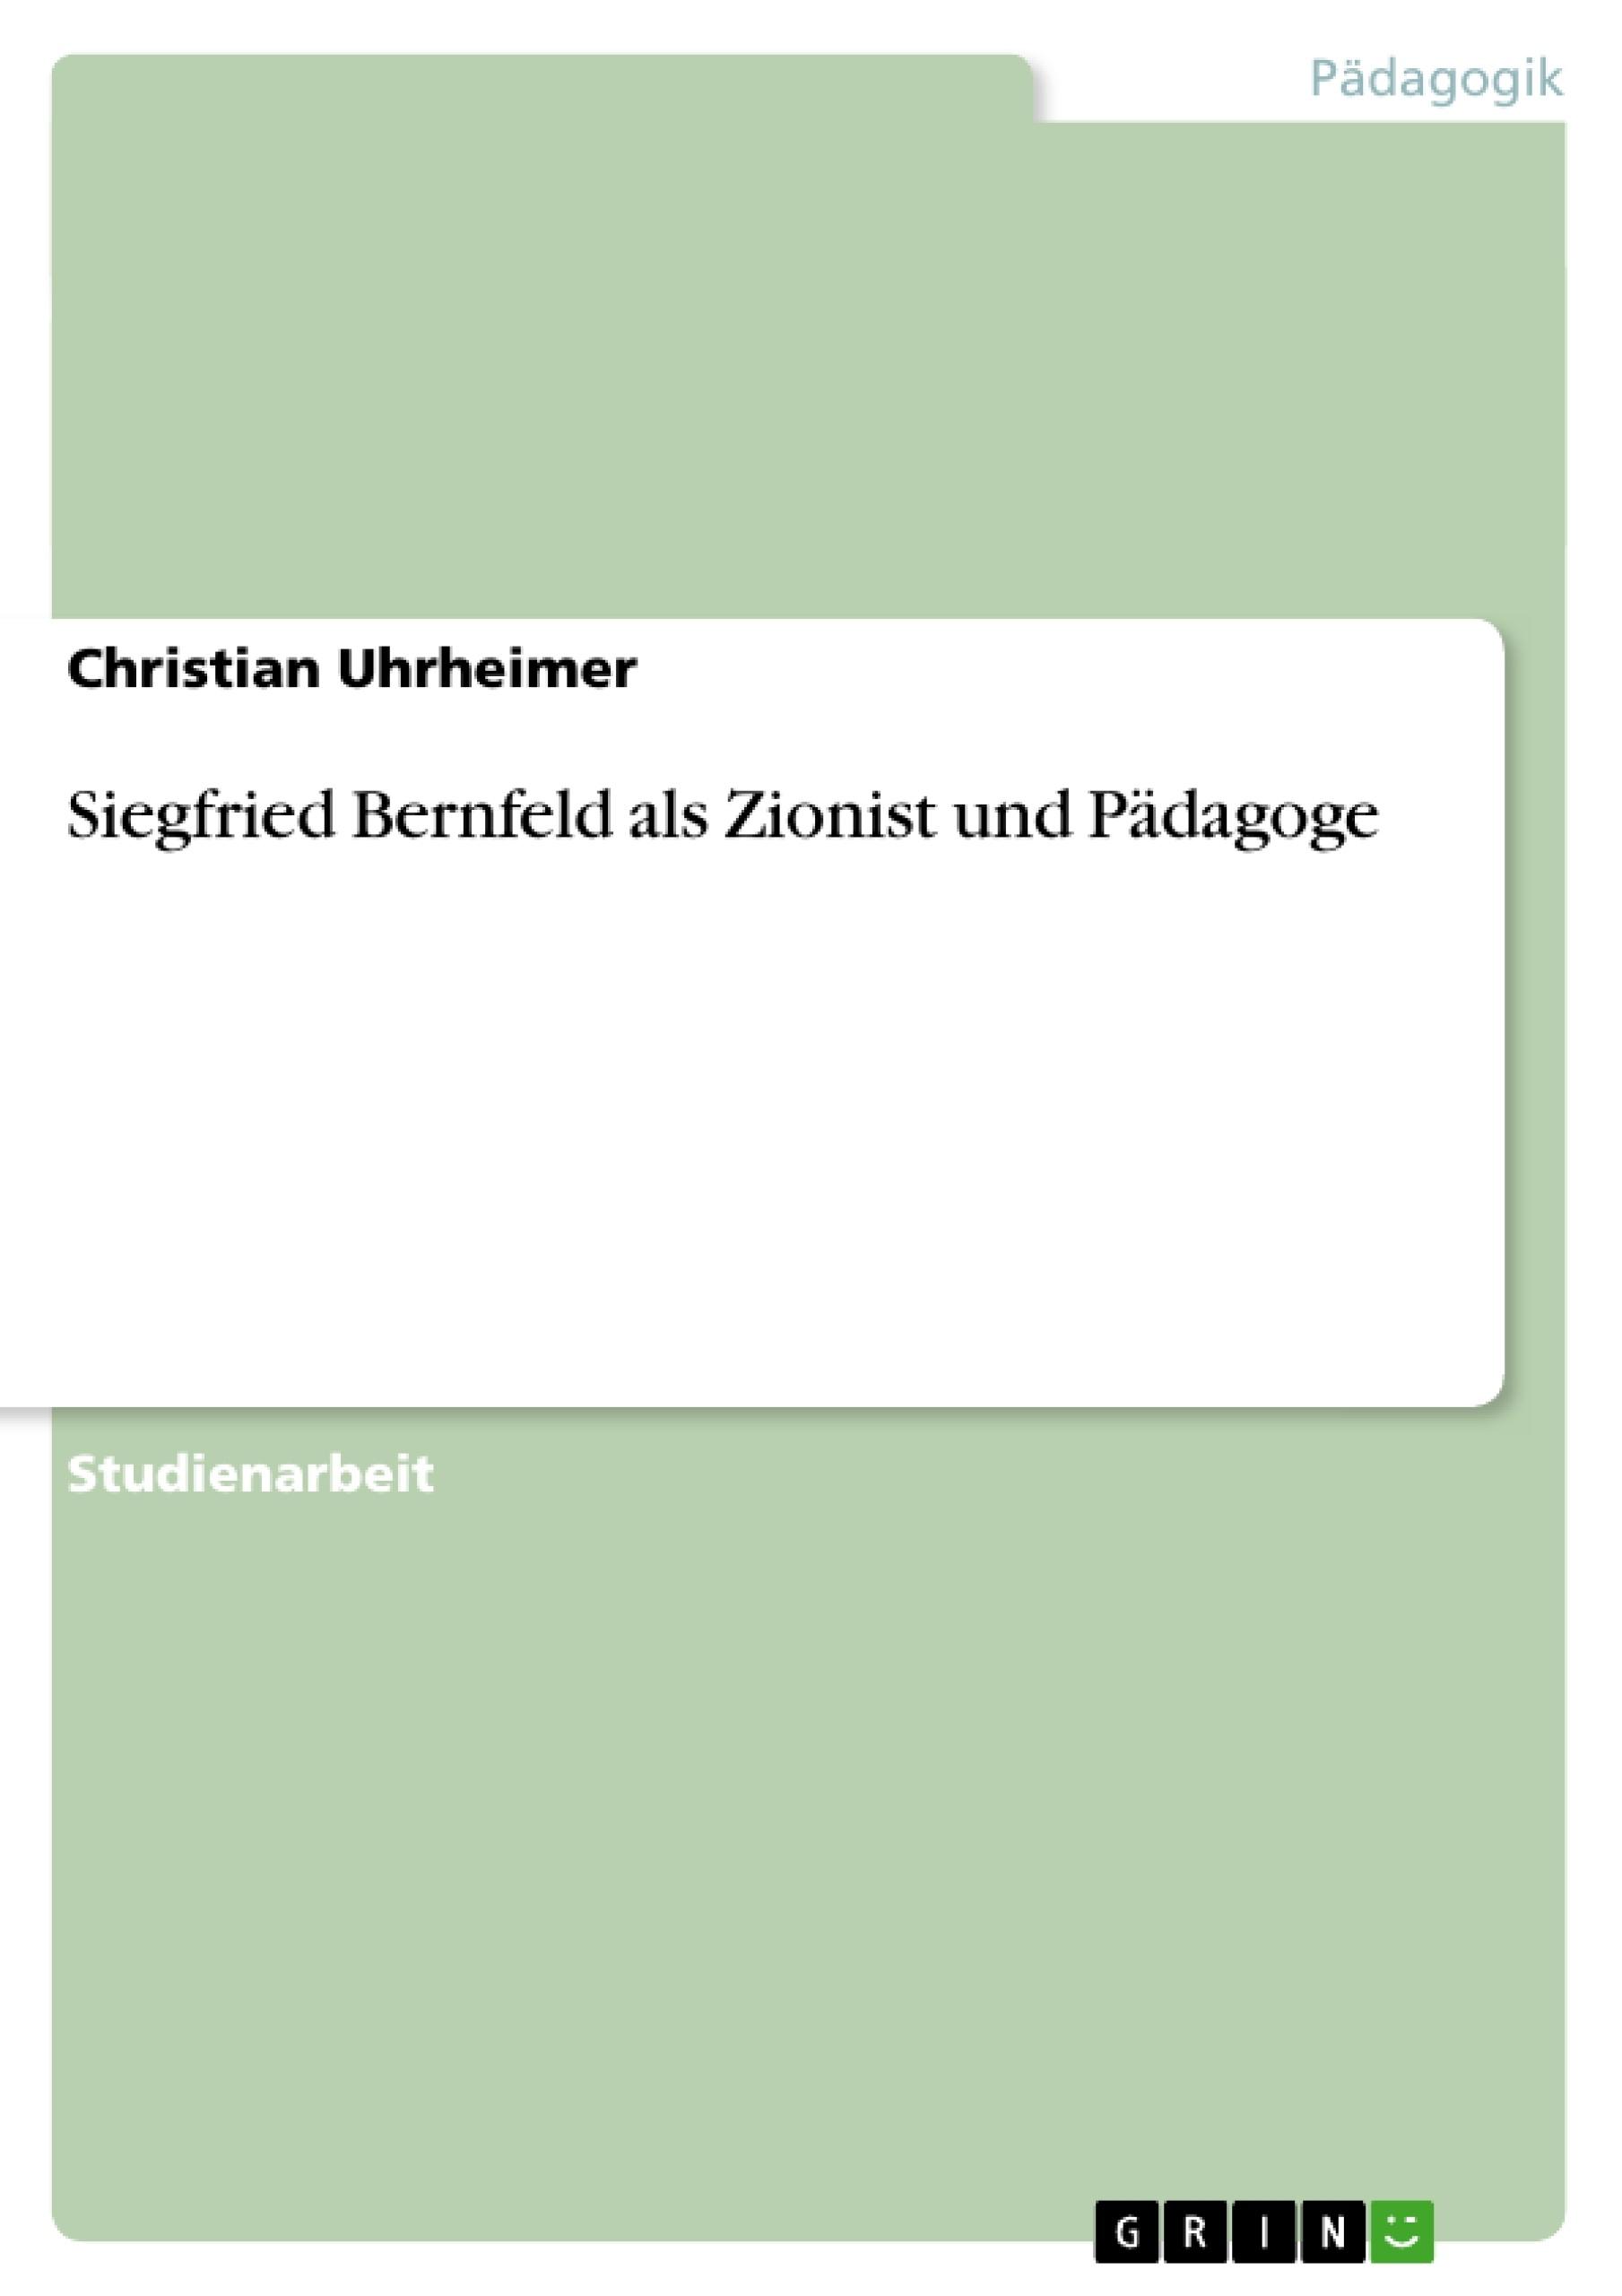 Titel: Siegfried Bernfeld als Zionist und Pädagoge